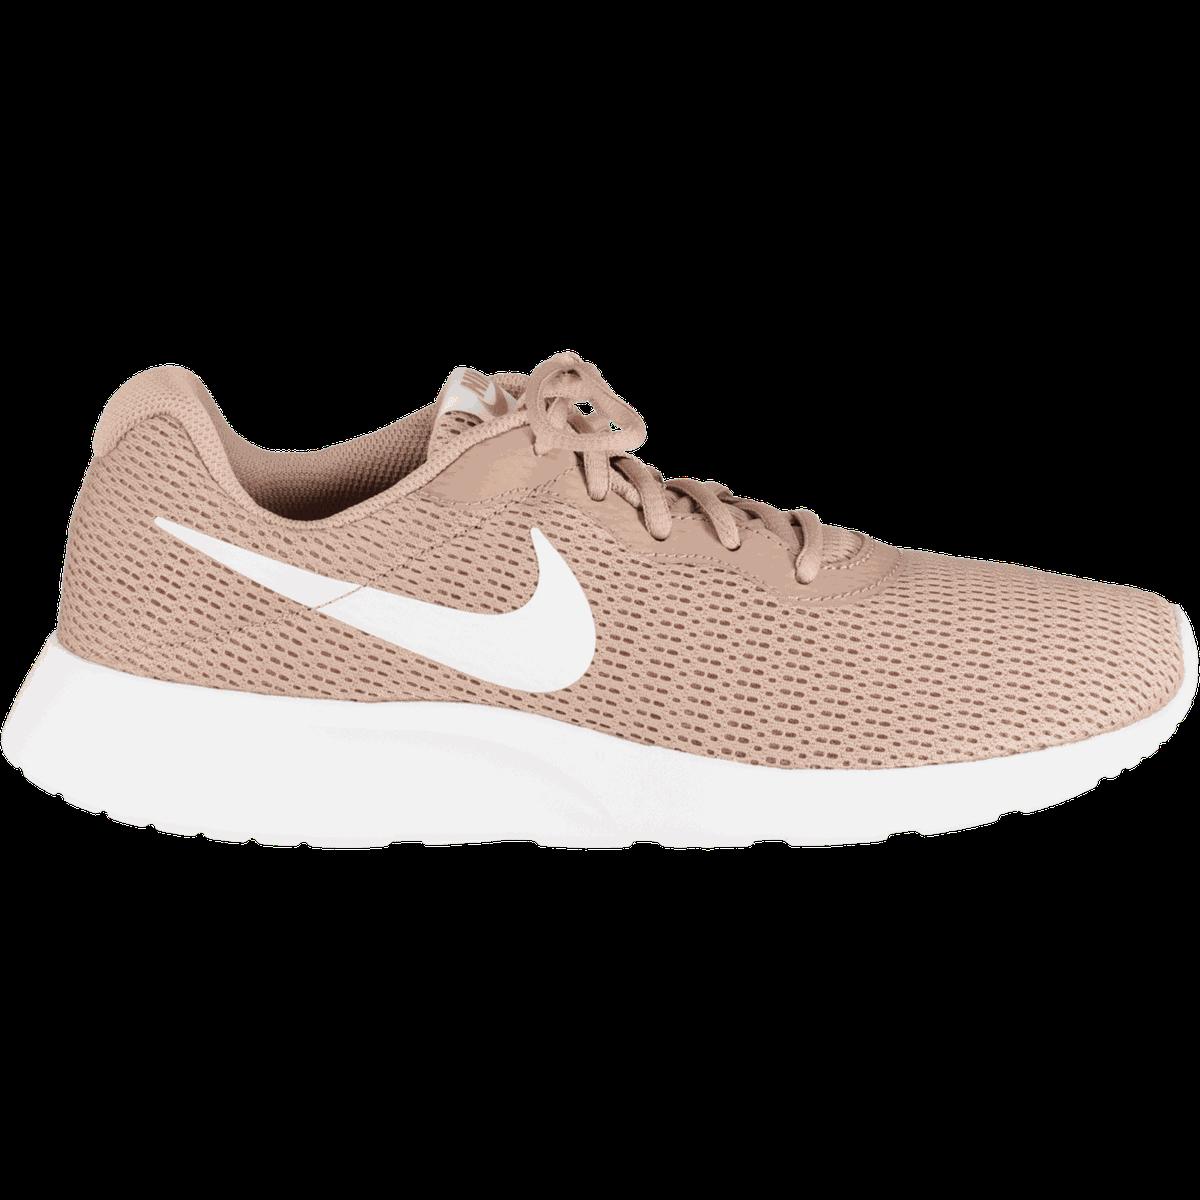 hot sale online 2aabb 59f9b Nike Tanjun, naisten vapaa-ajan kengät - Naisten vapaa-ajan kengät   XXL